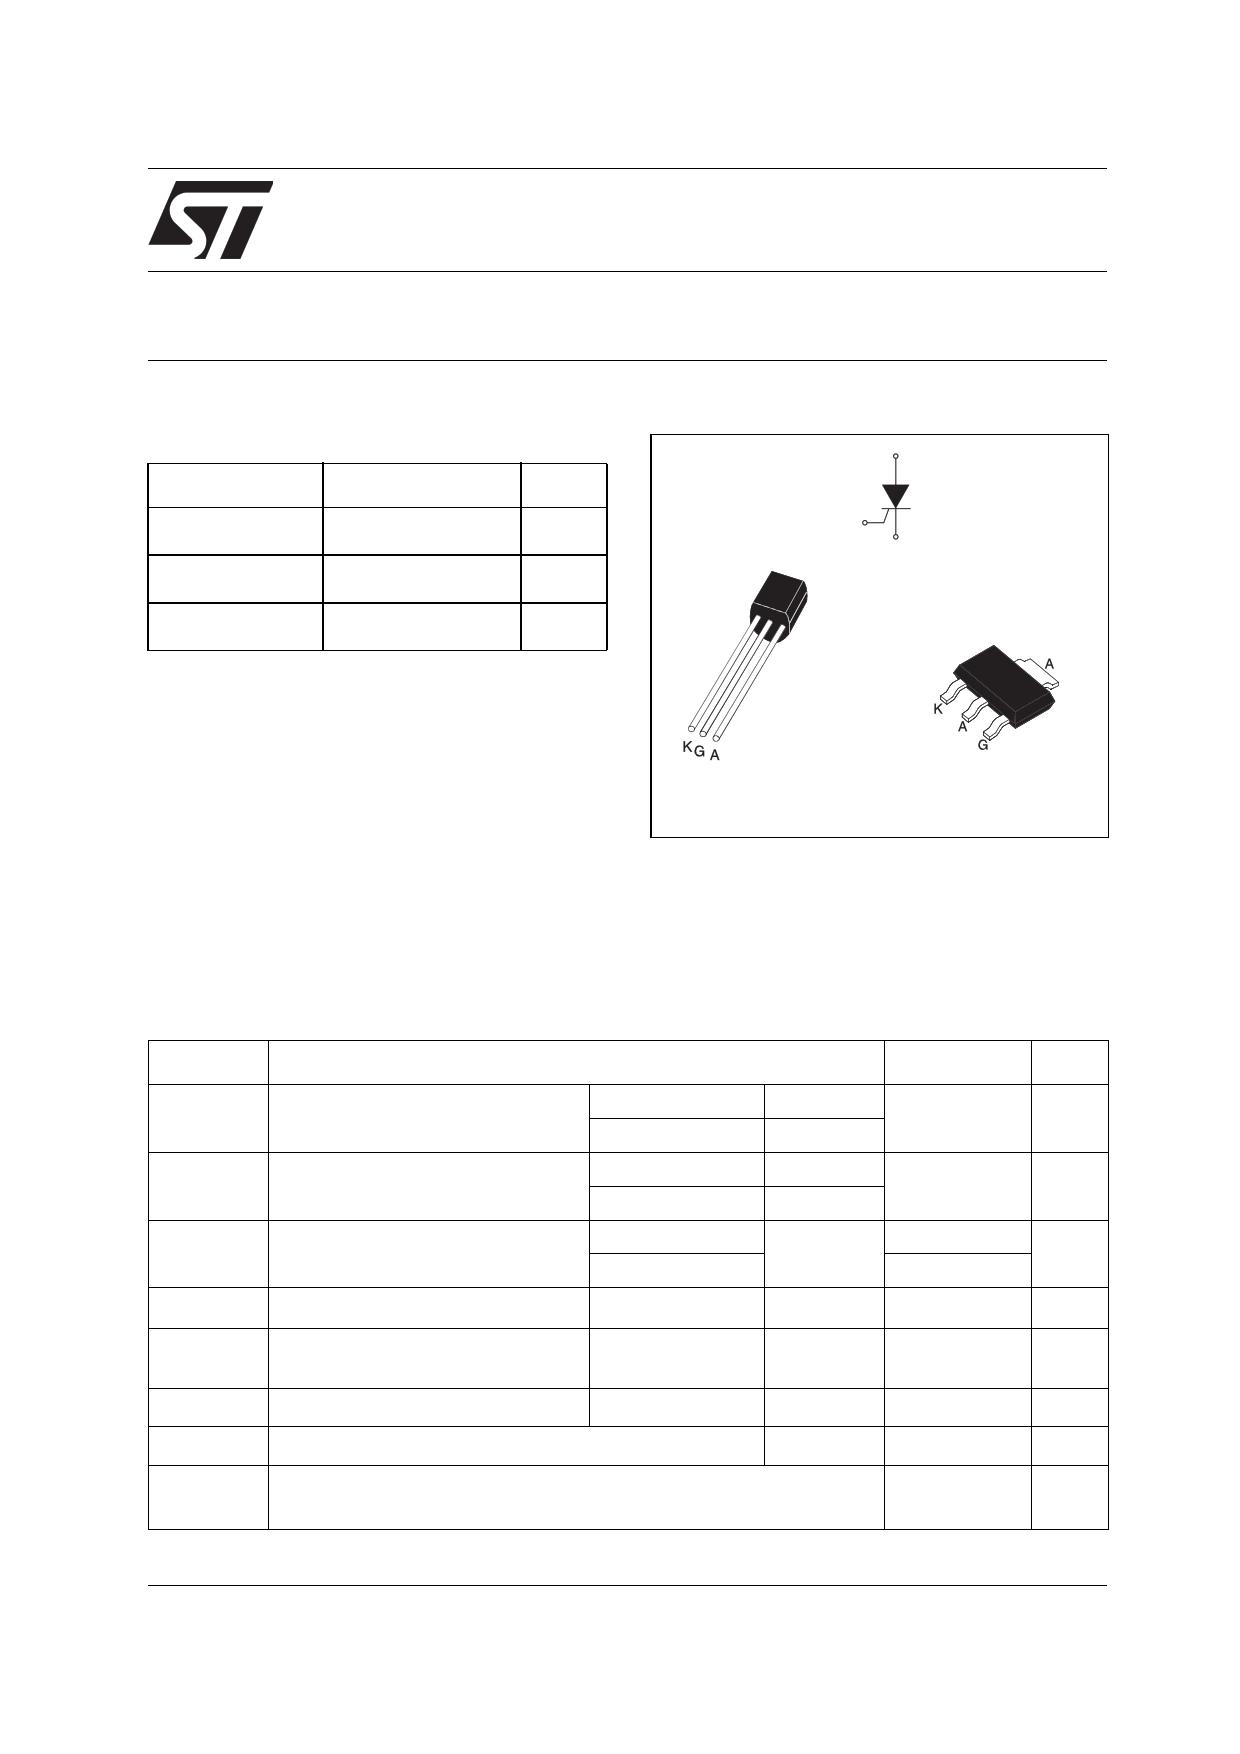 X0205yN5BA4 datasheet